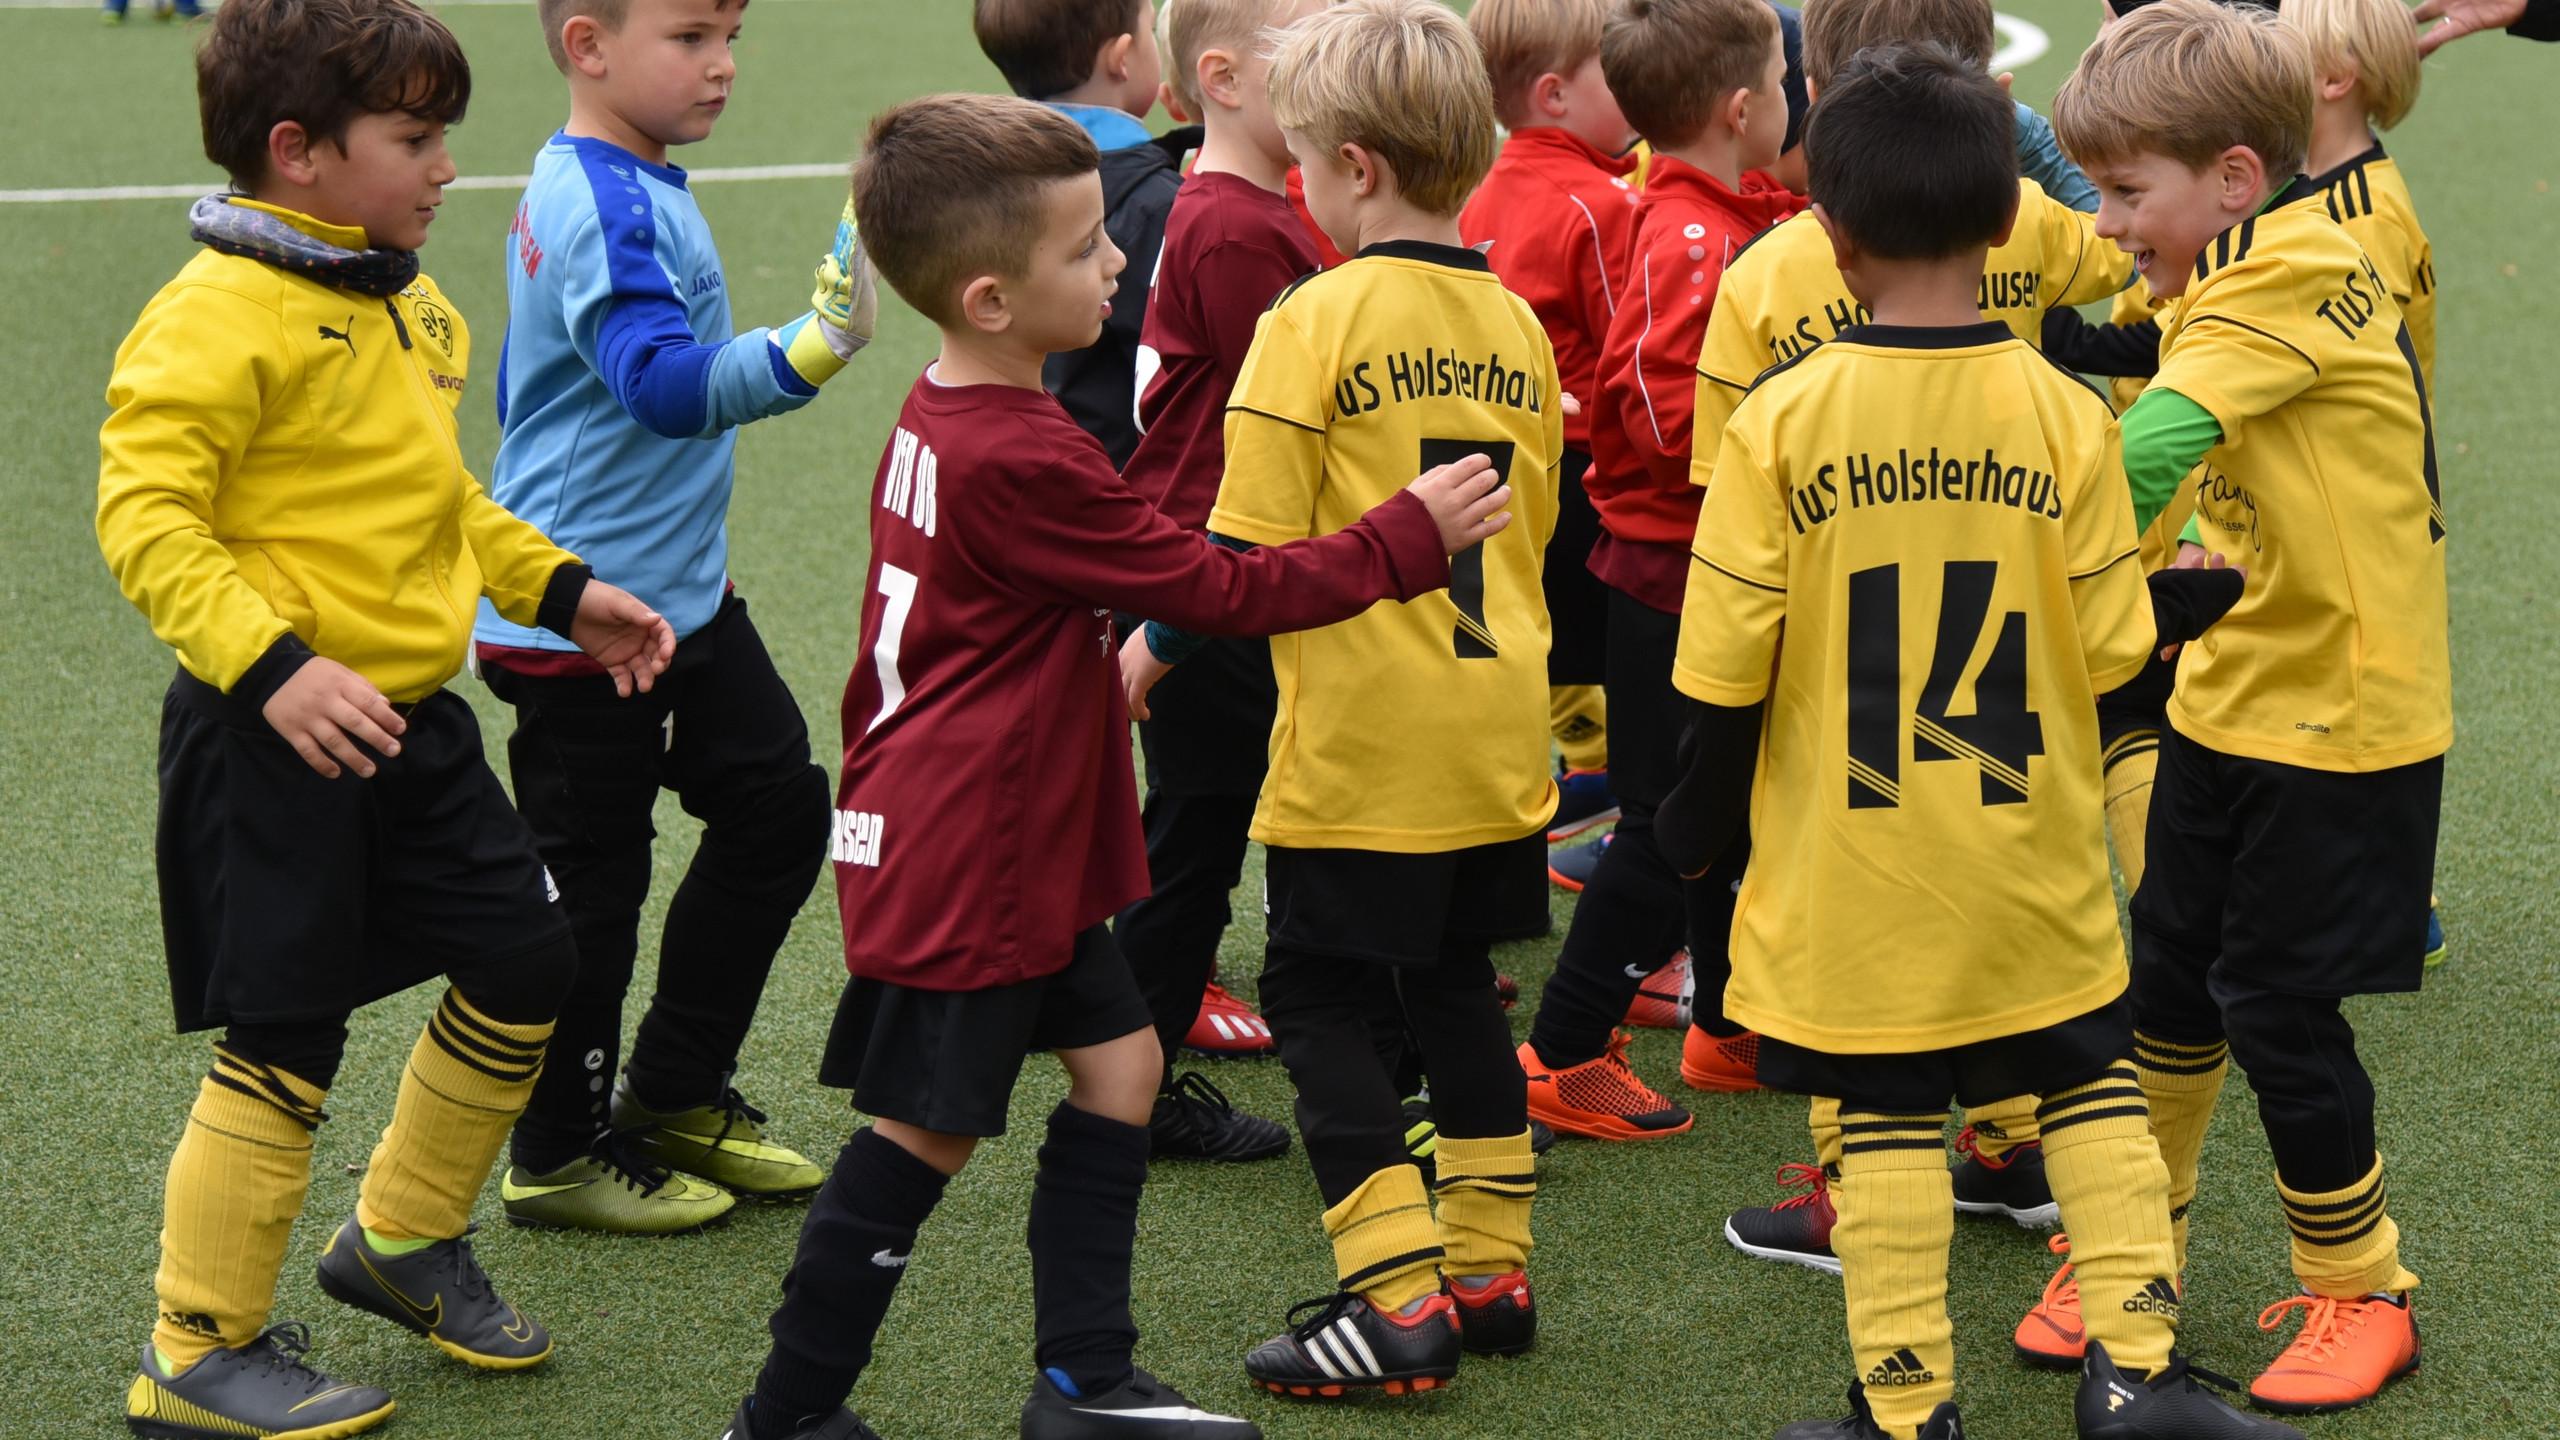 G3 vs Oberhausen 20191005 (47)